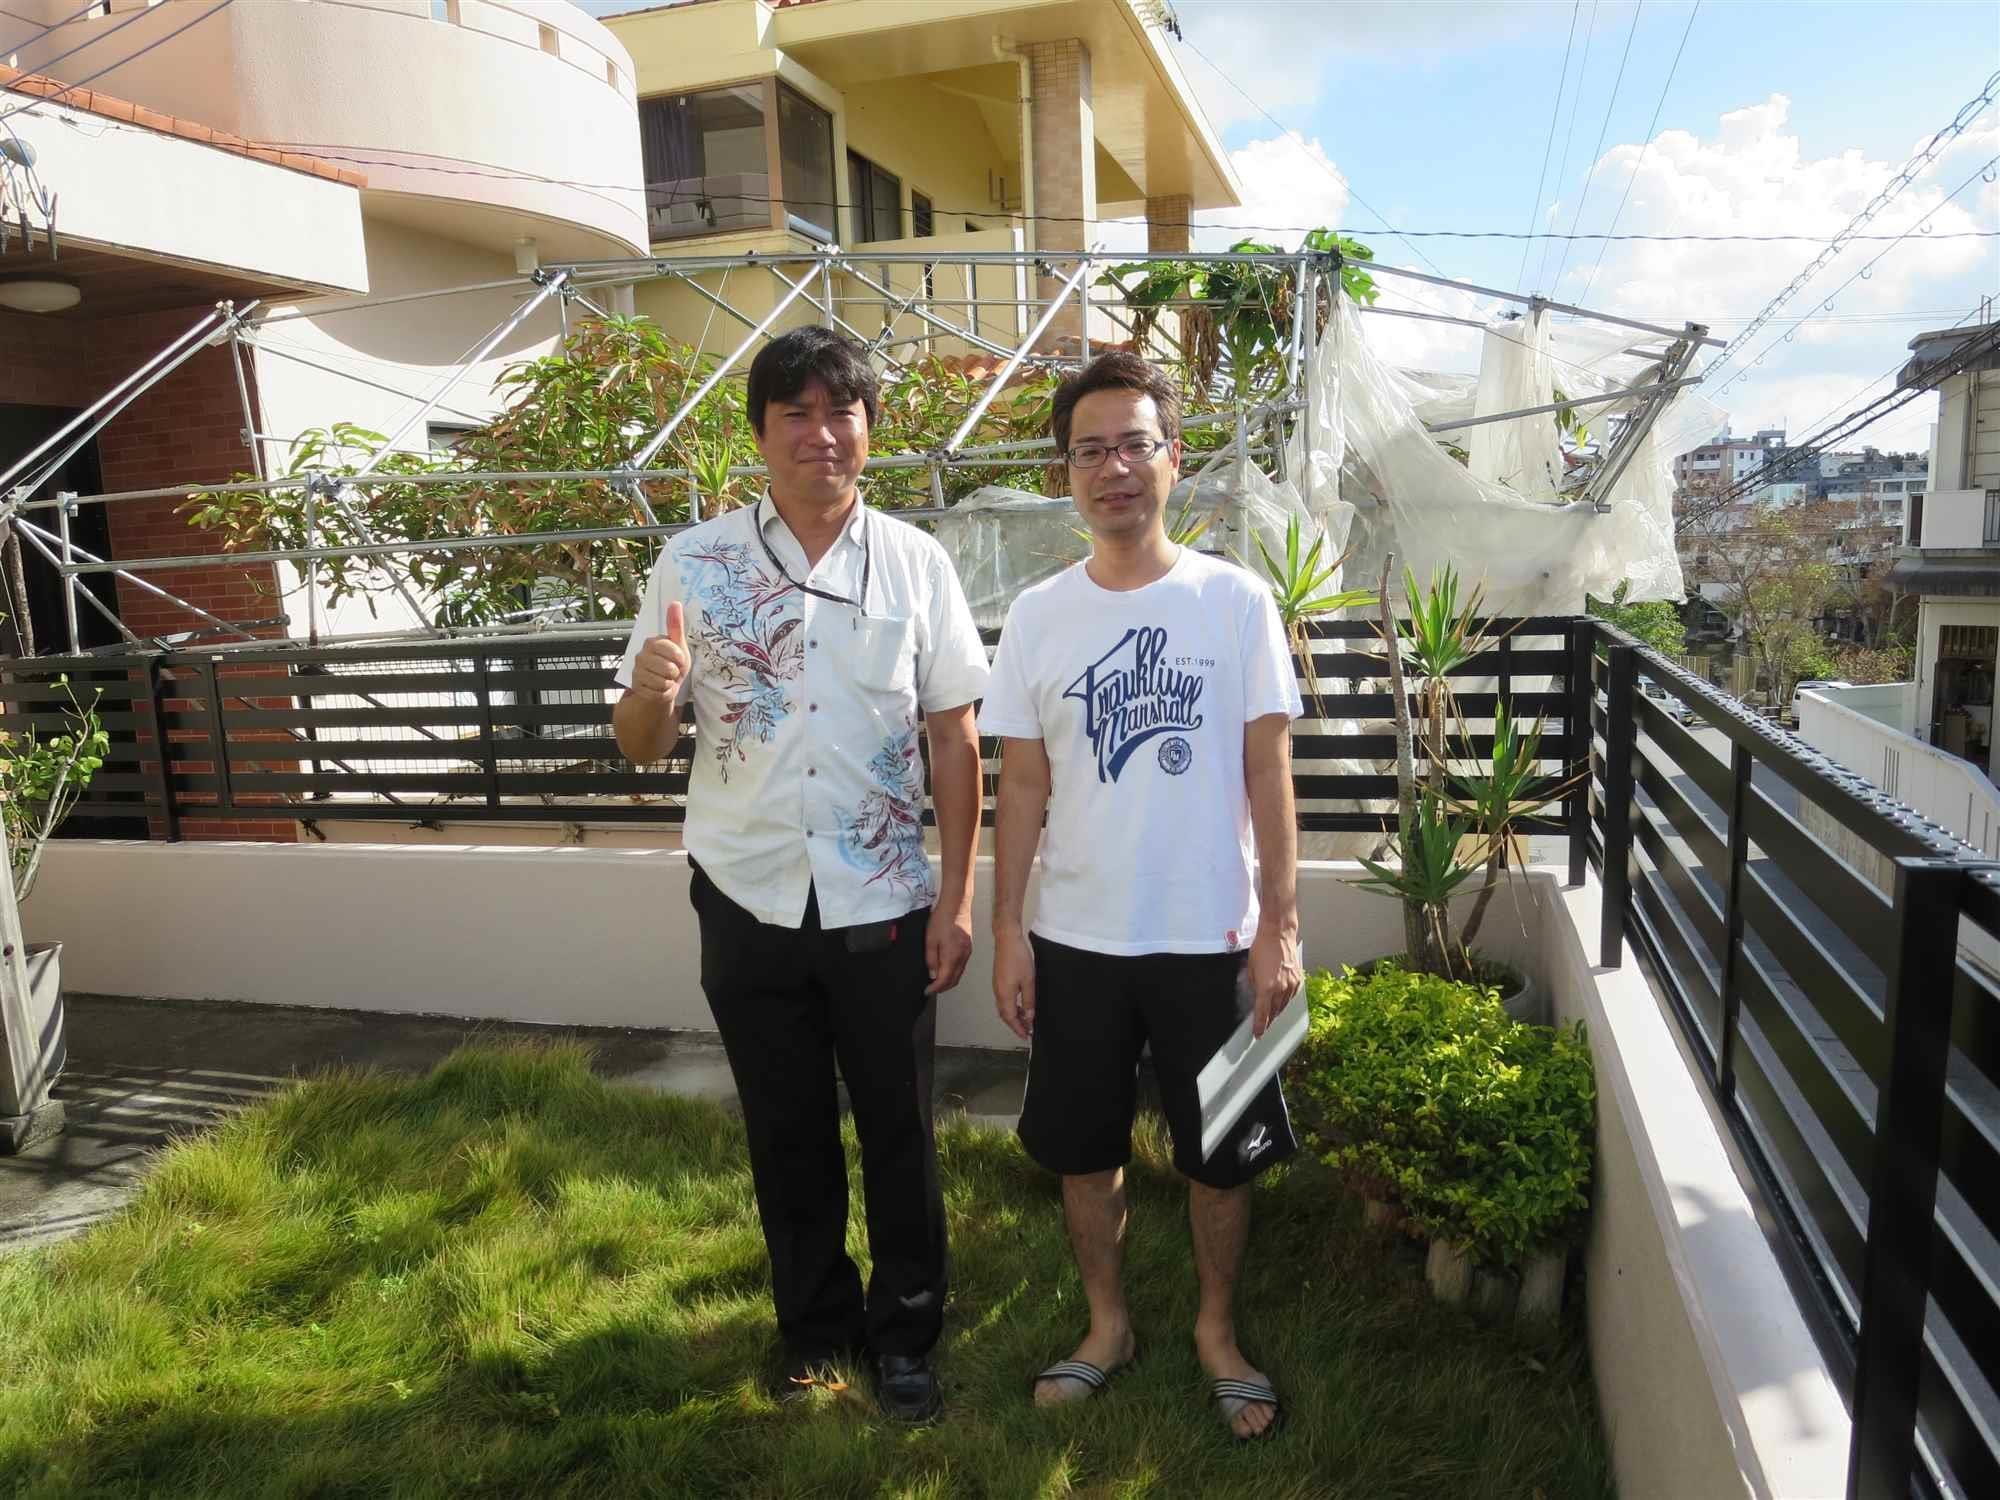 沖縄・那覇のリフォーム 実際のお客様の写真:森本様の人柄で、この人なら大丈夫かなという感触がありました。